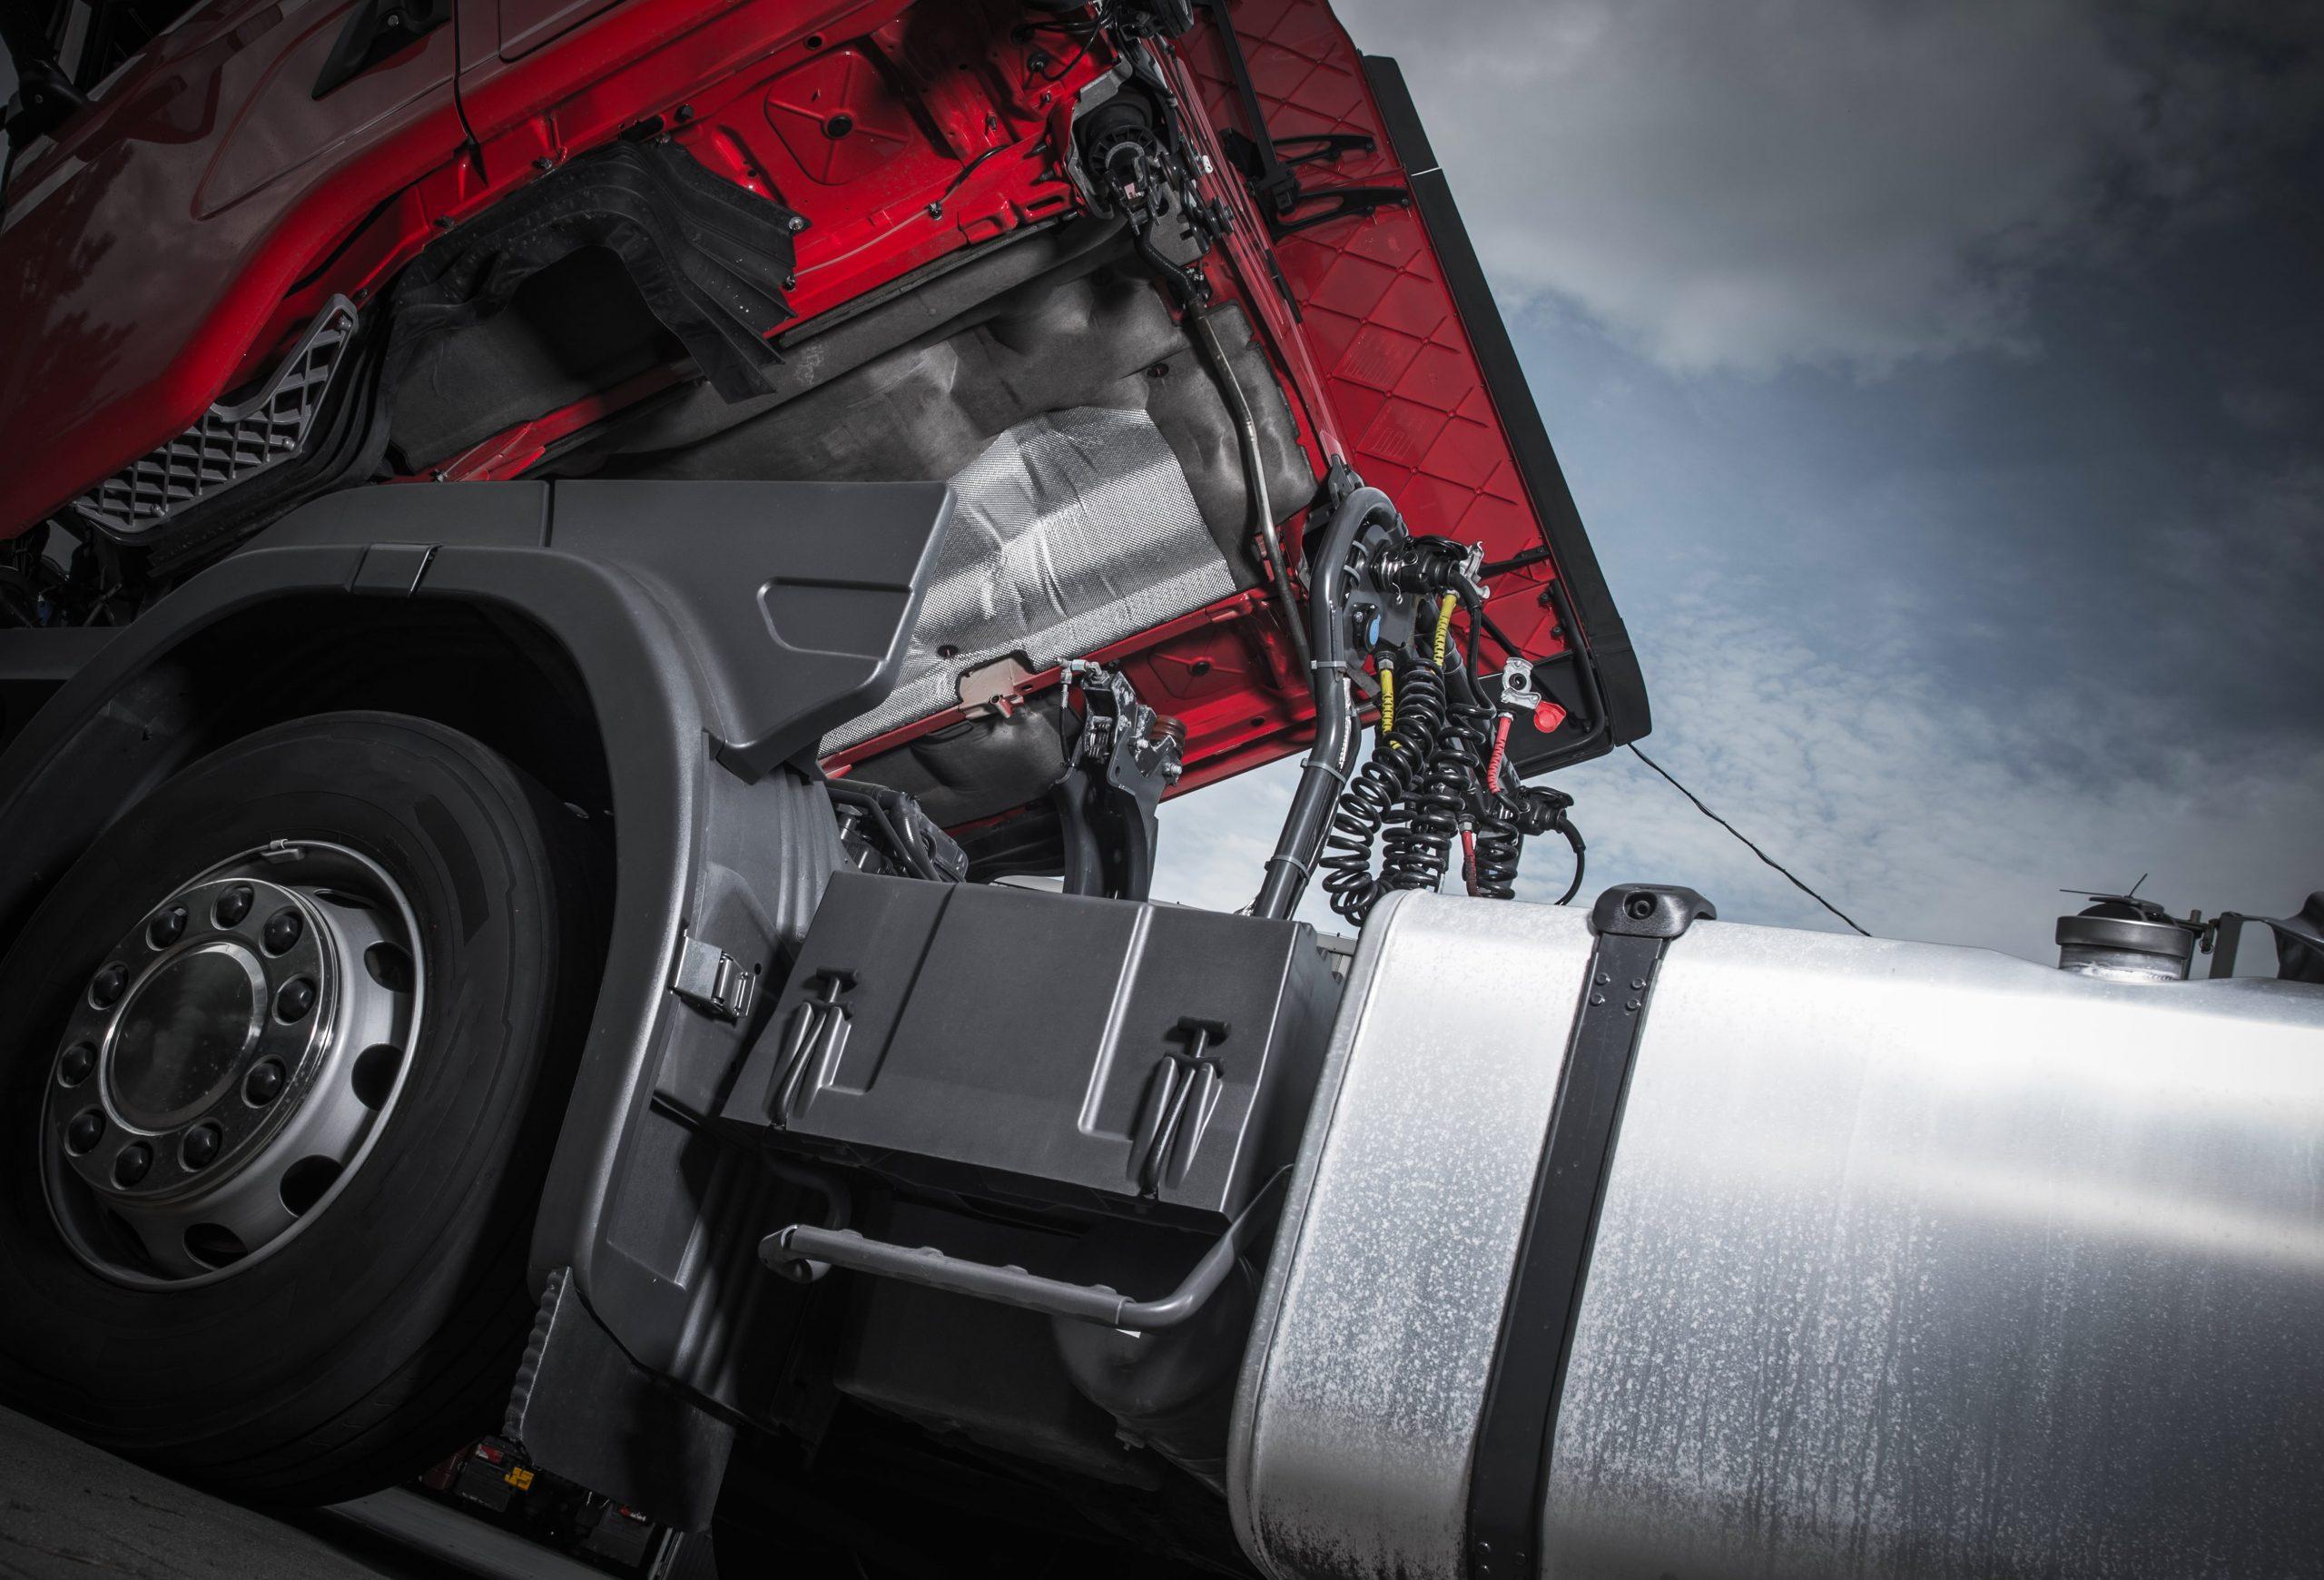 Tractocamiones el motor de la venta de pesados - PosdataMx